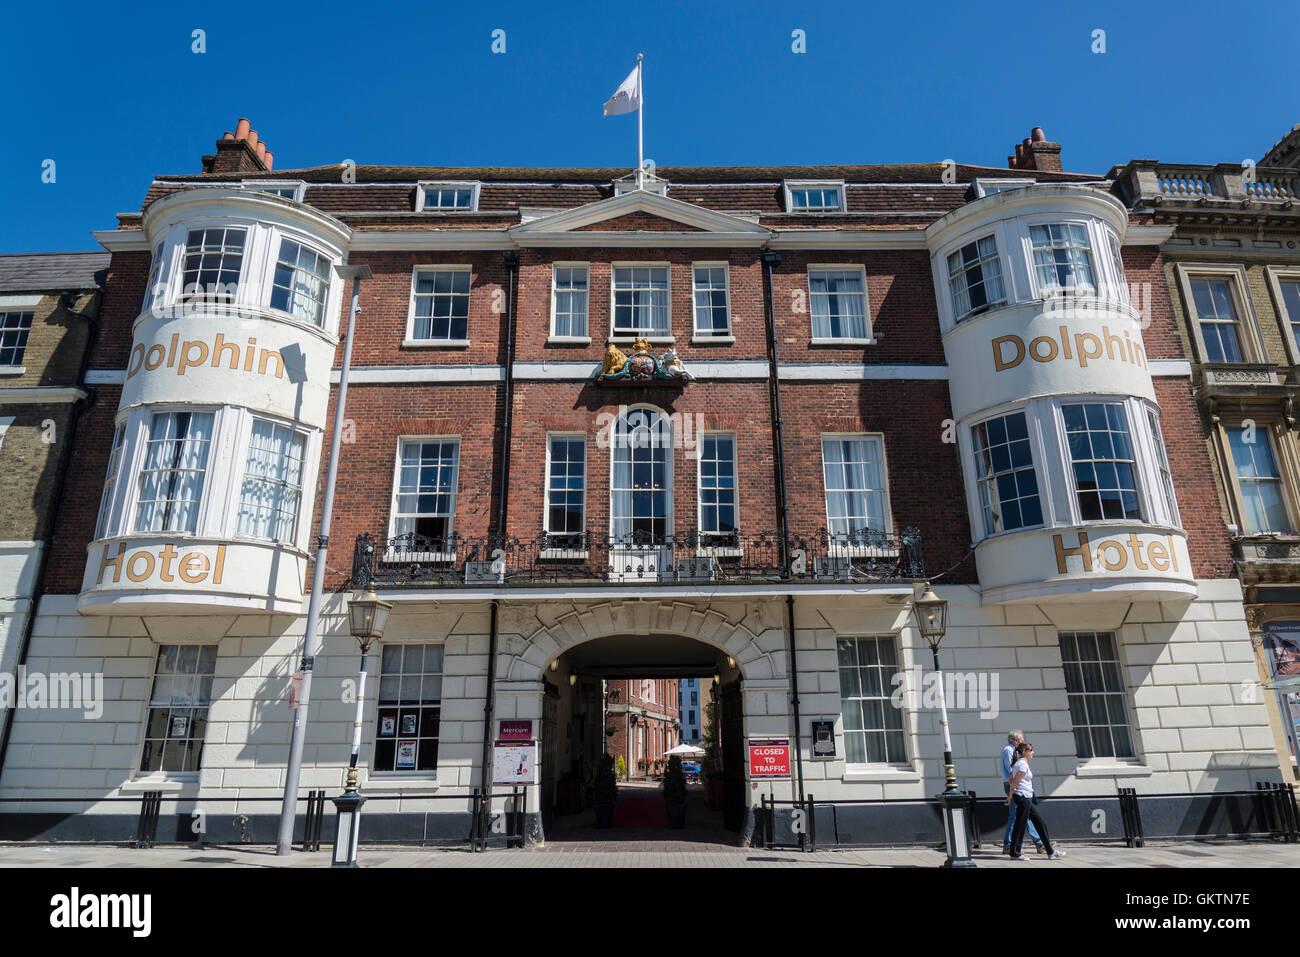 Dolphin Hotel, Southampton, Hampshire, England, UK - Stock Image